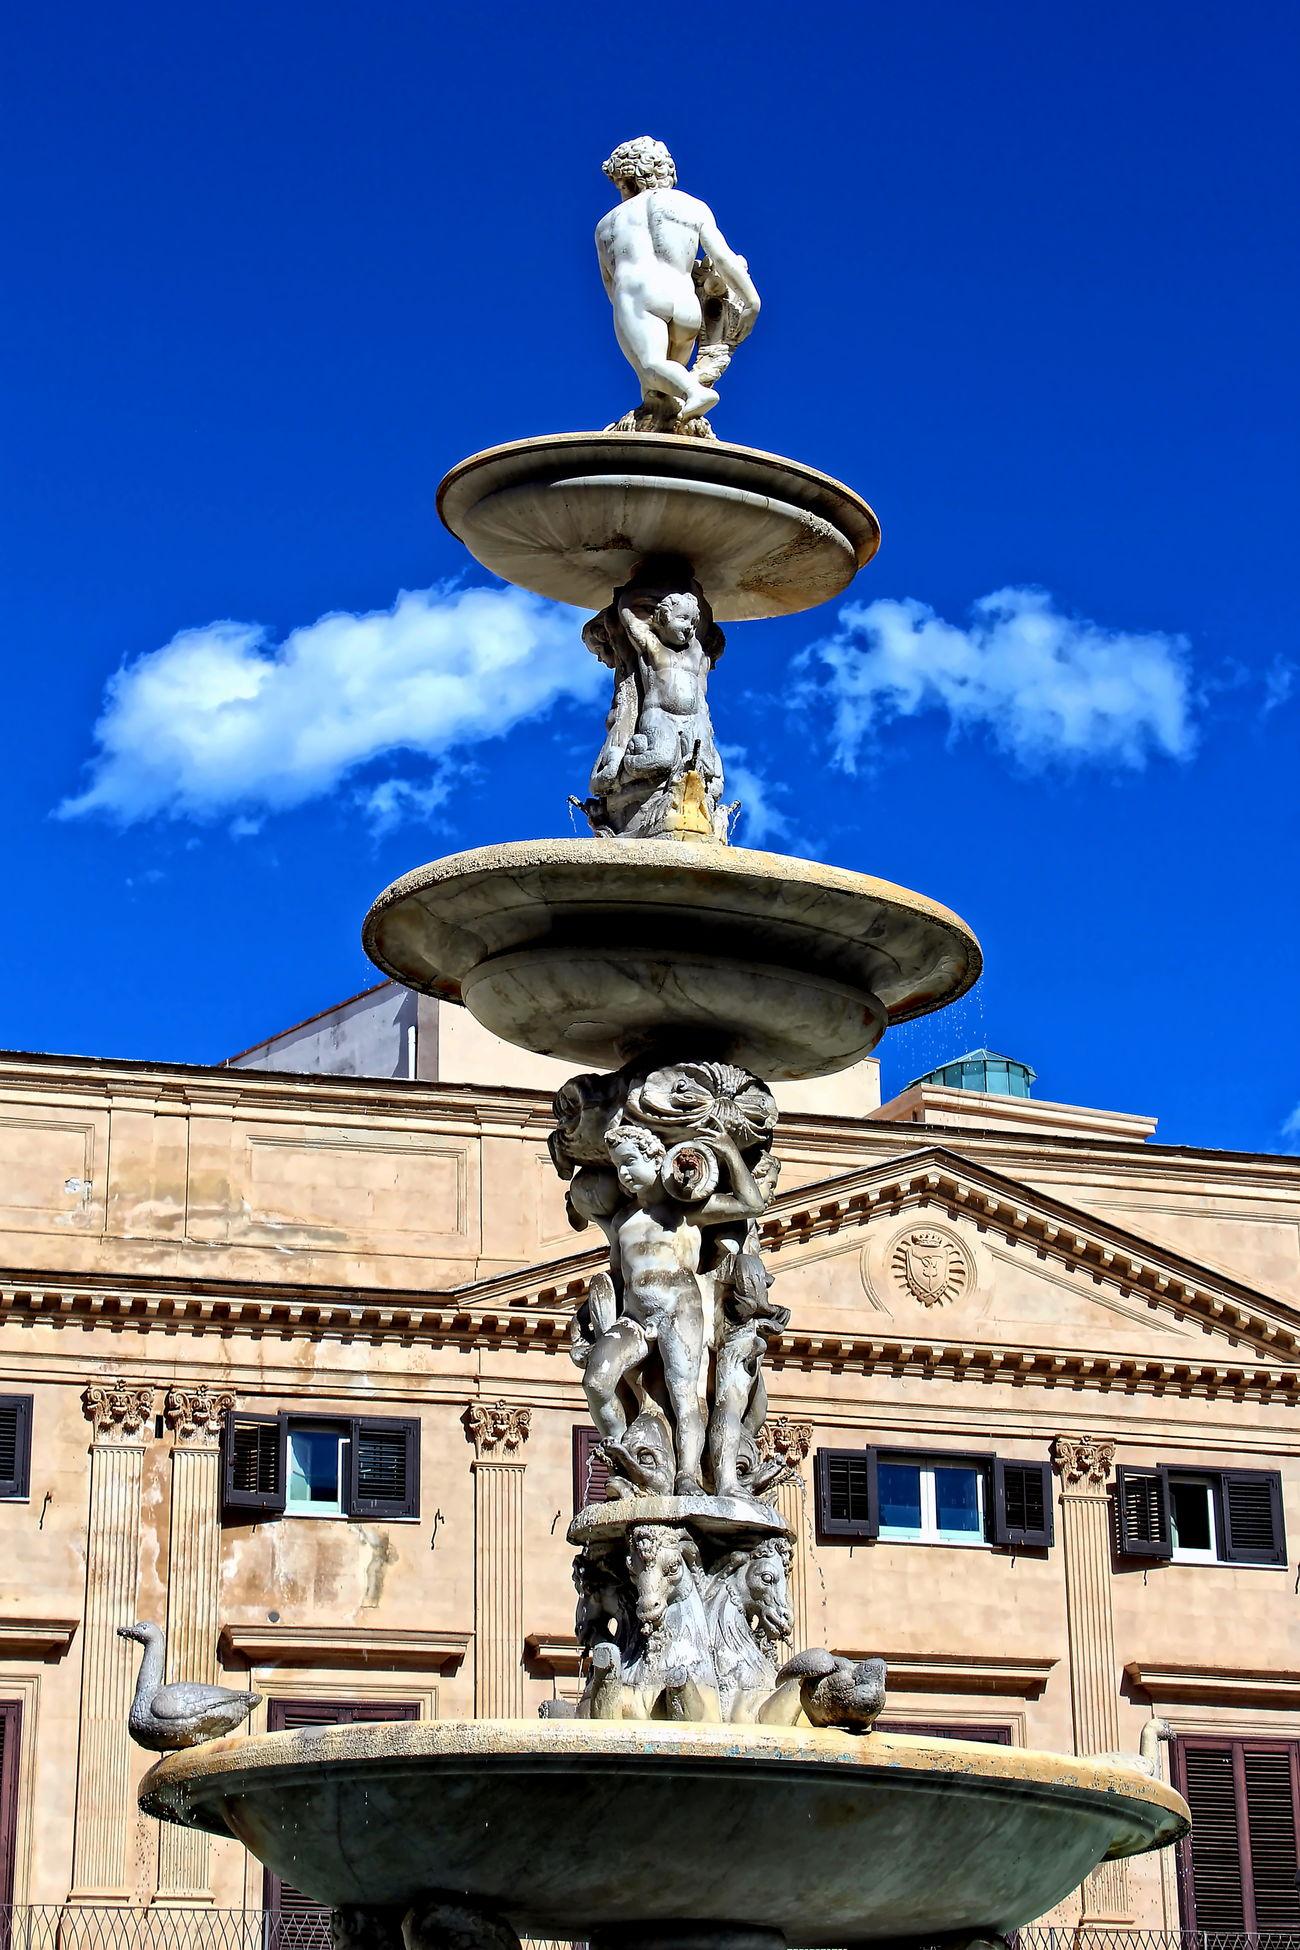 Blue Centro Storico Di Palermo Chiesa Di San Giuseppe Dei Teatini Fontana Di Piazza Pretoria No People Outdoors Palazzo Delle Aquile Palermo, Italy Quatto Canti Sculptures Sky Statue